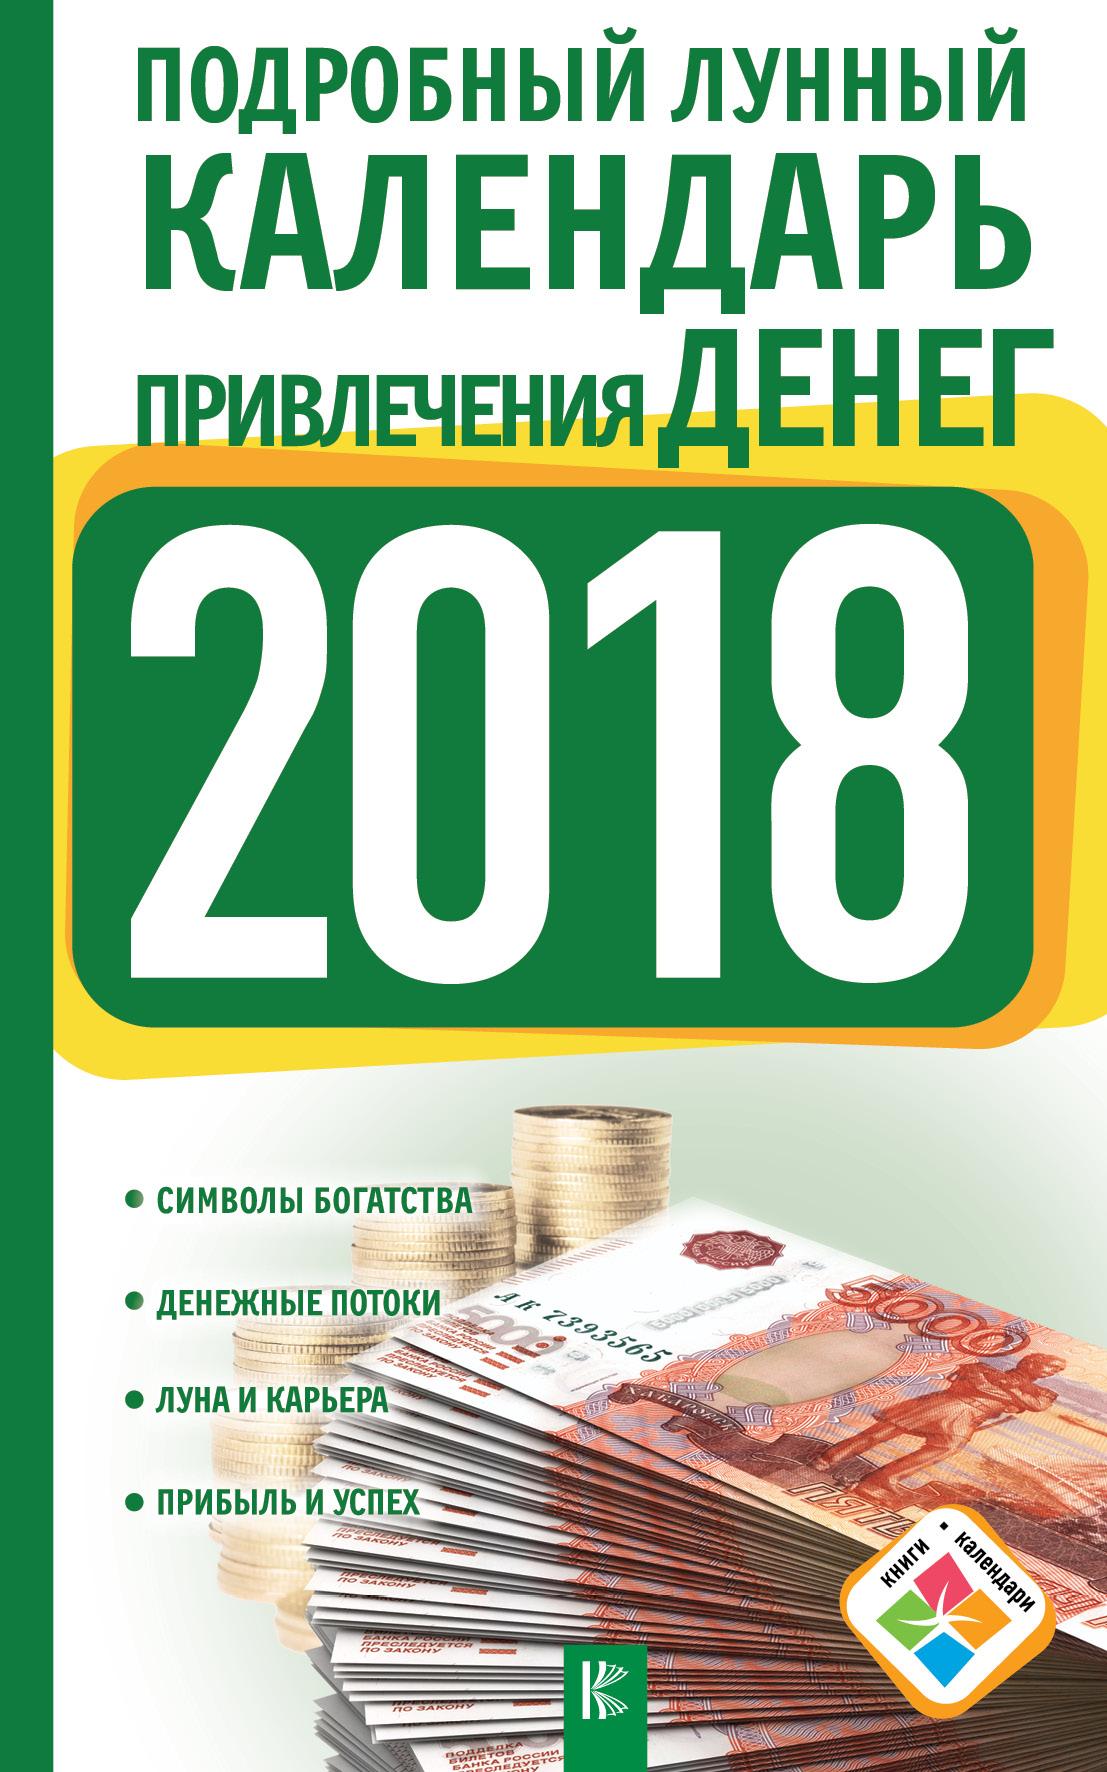 Виноградова Н. Подробный лунный календарь привлечения денег на 2018 год